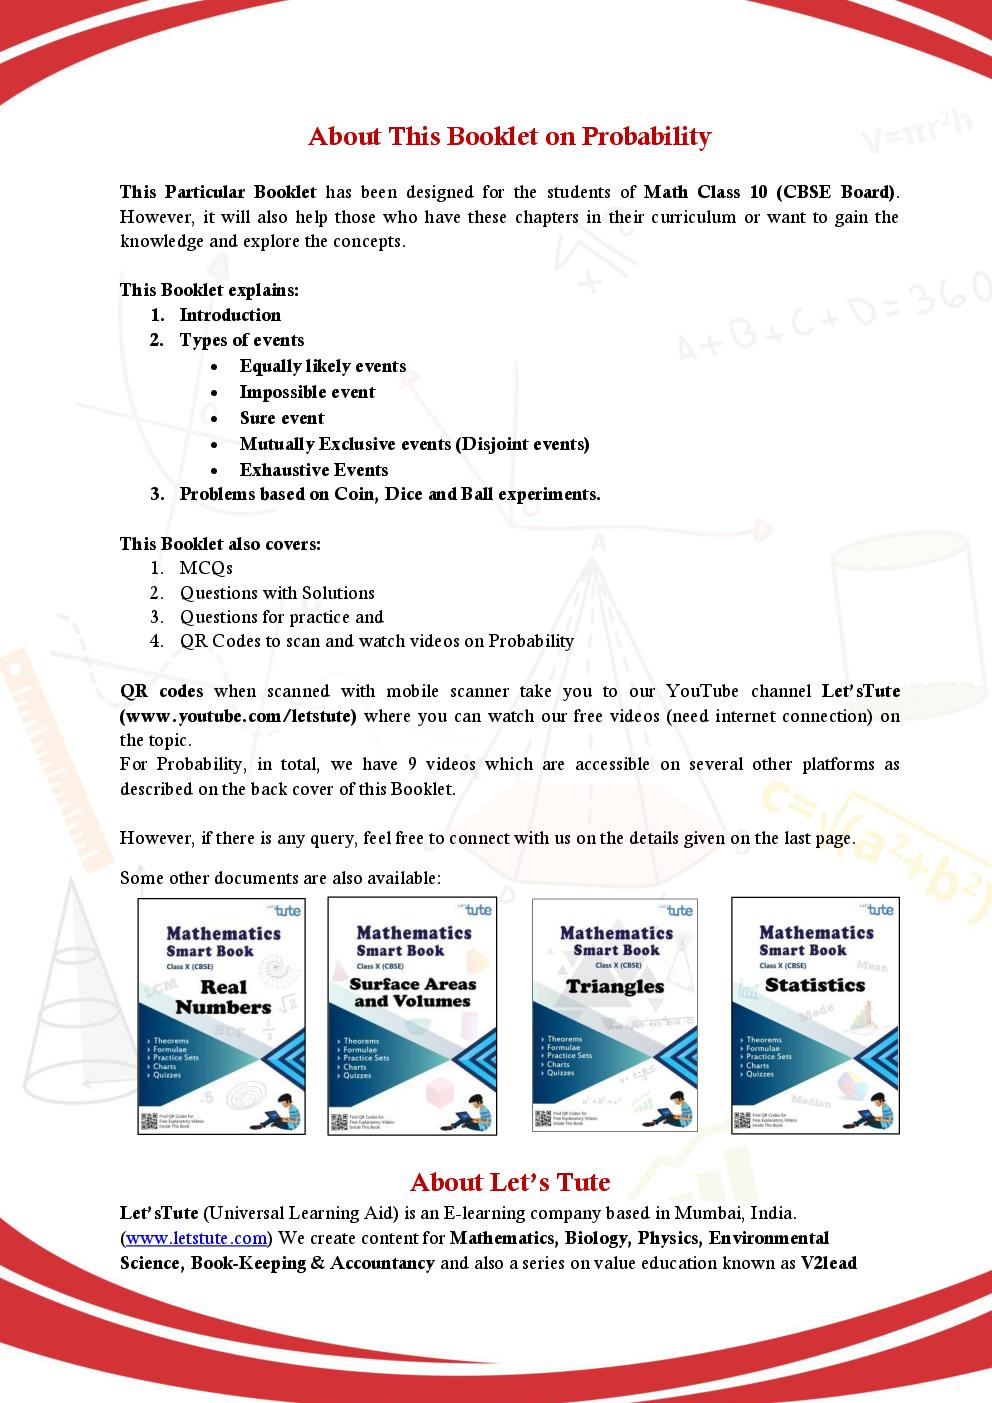 Cbse mathematics smart book for class x probability by lets tute pdf cbse mathematics smart book for class x probability by lets tute fandeluxe Images